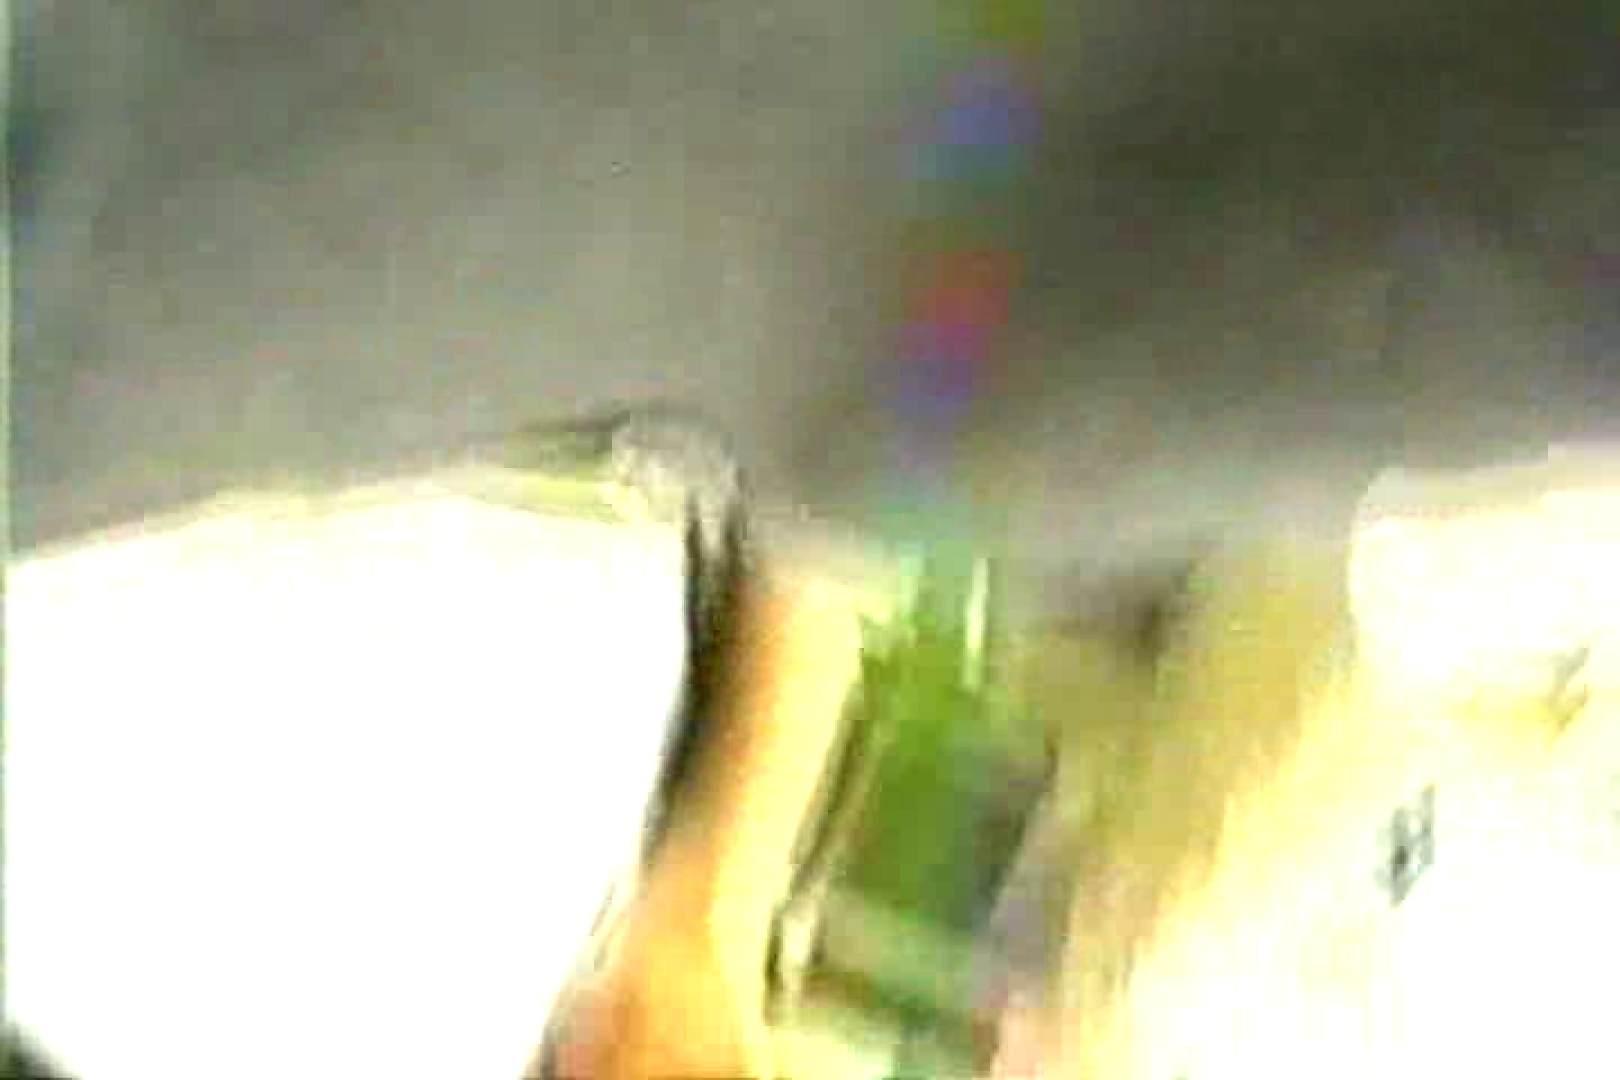 「ちくりん」さんのオリジナル未編集パンチラVol.9_02 美しいOLの裸体 セックス画像 77pic 14